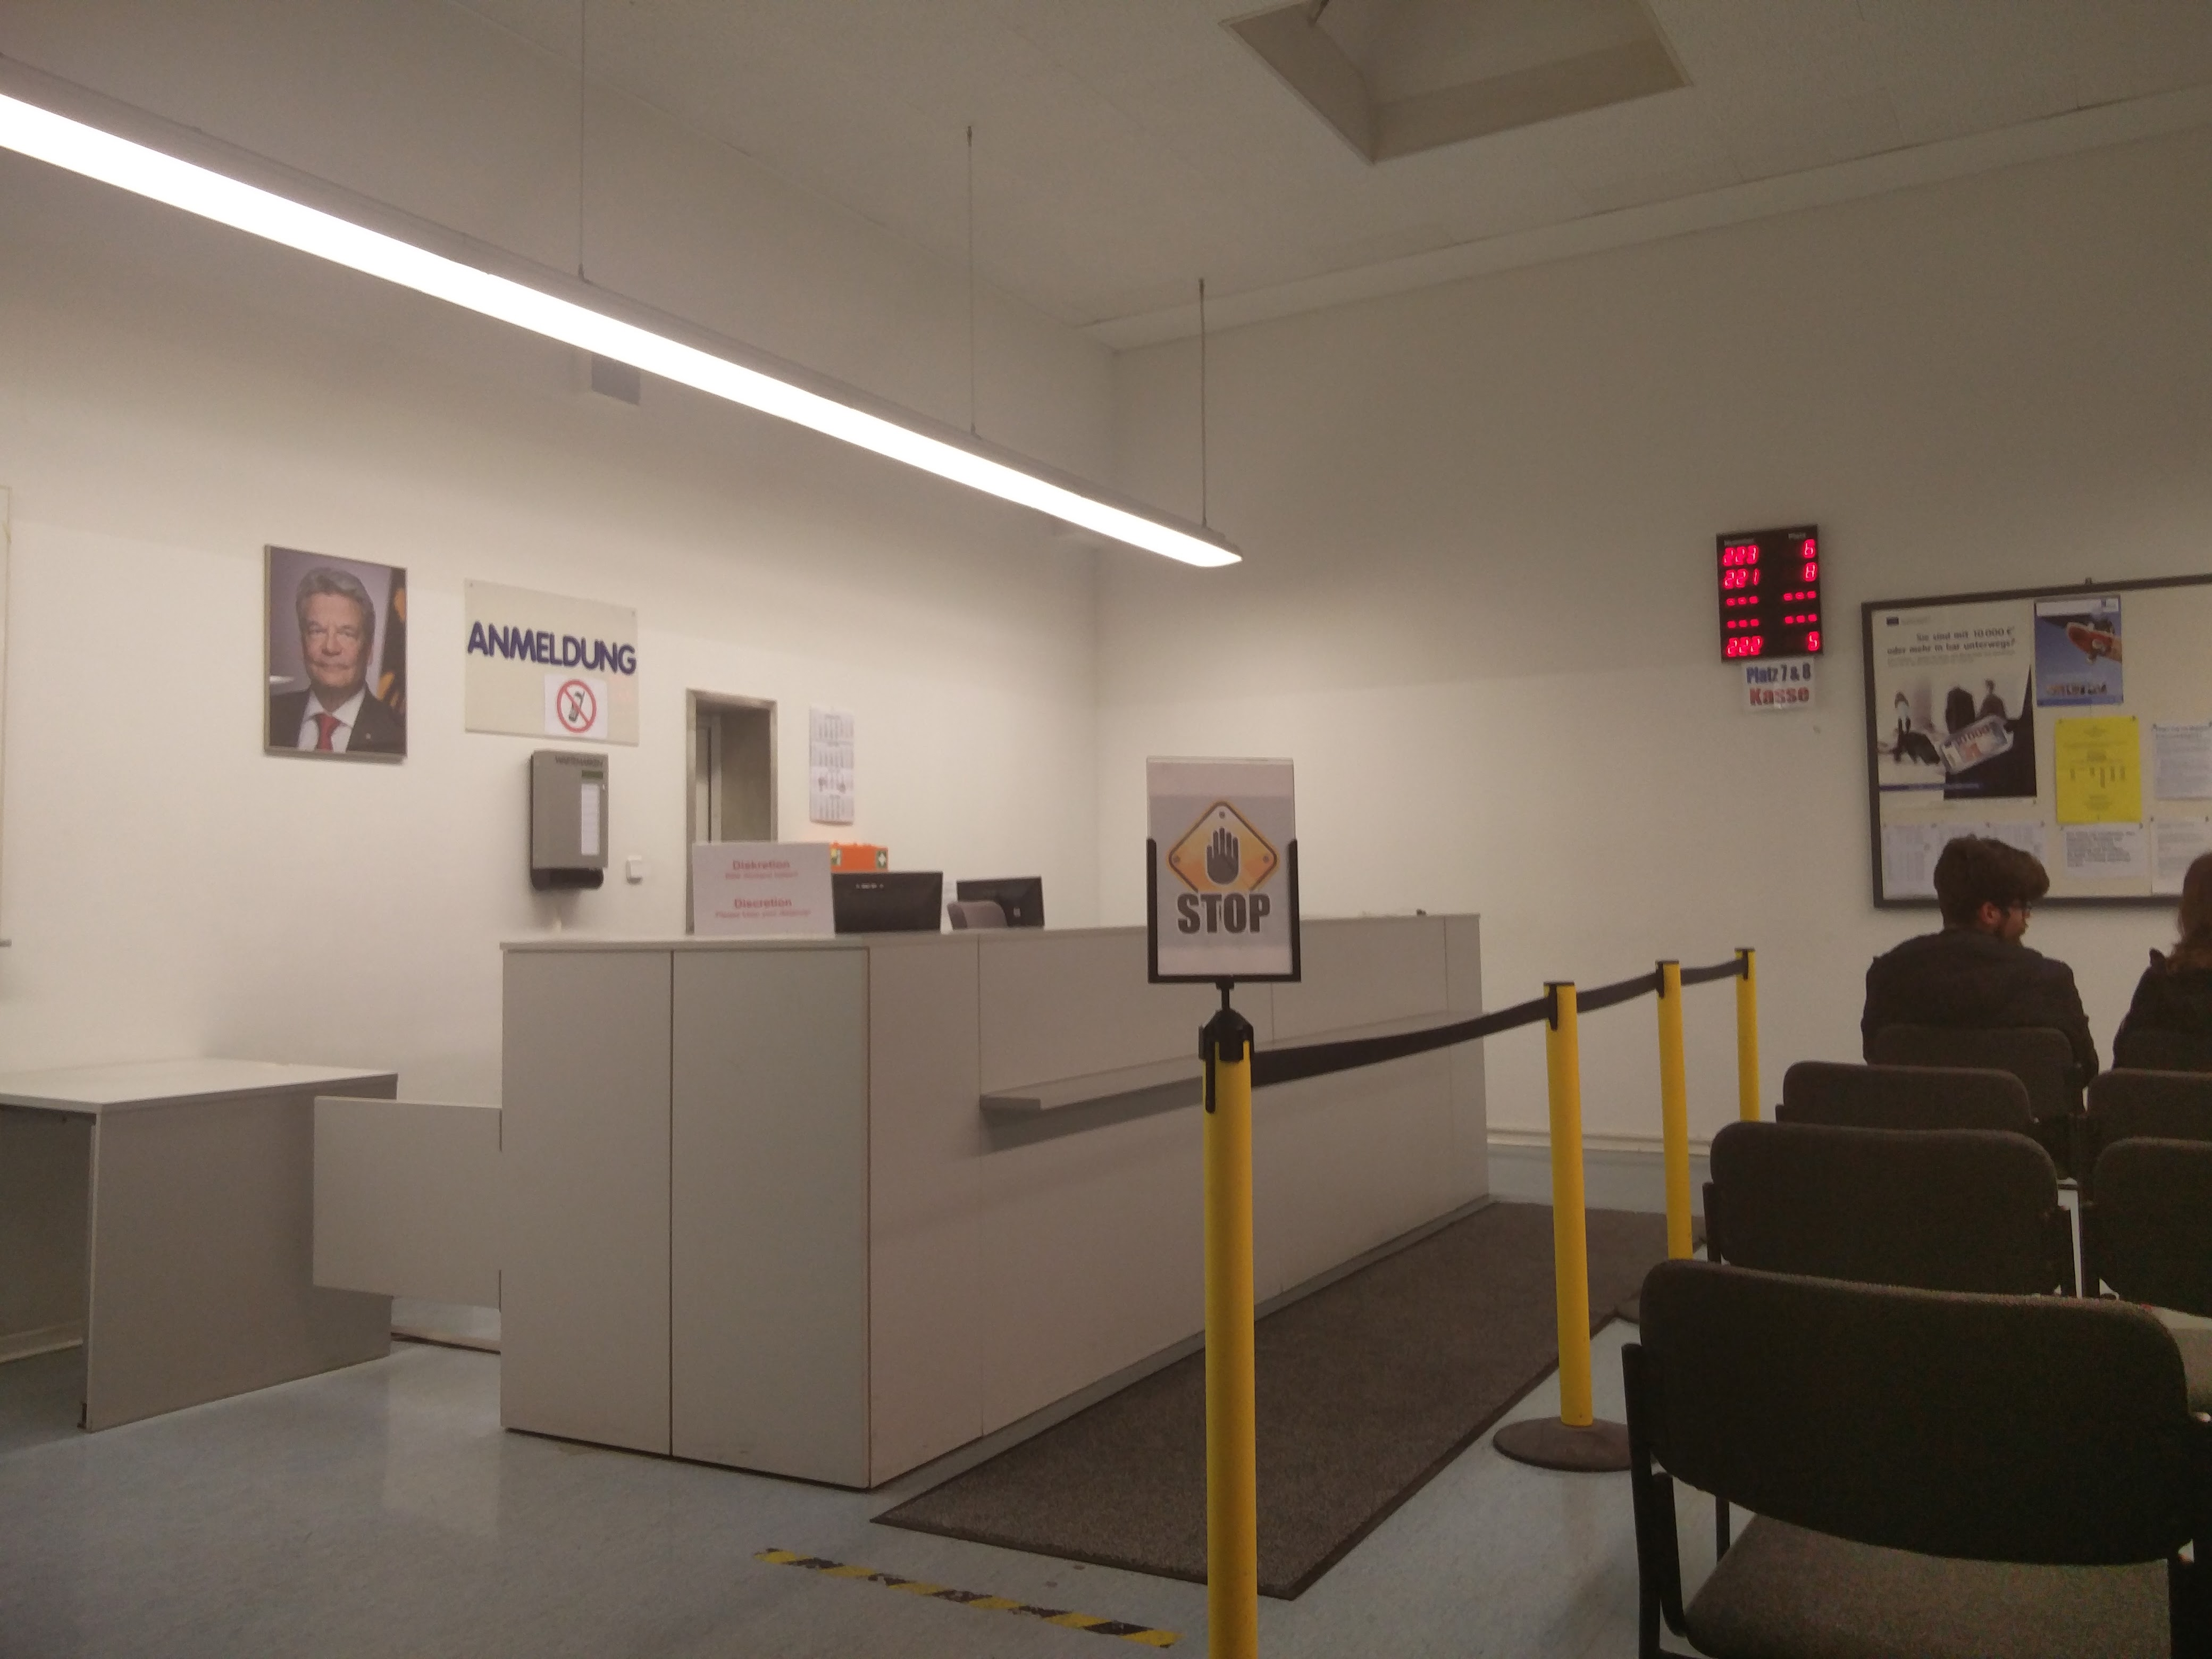 このカウンターで通知書を見せると、番号札を渡される。